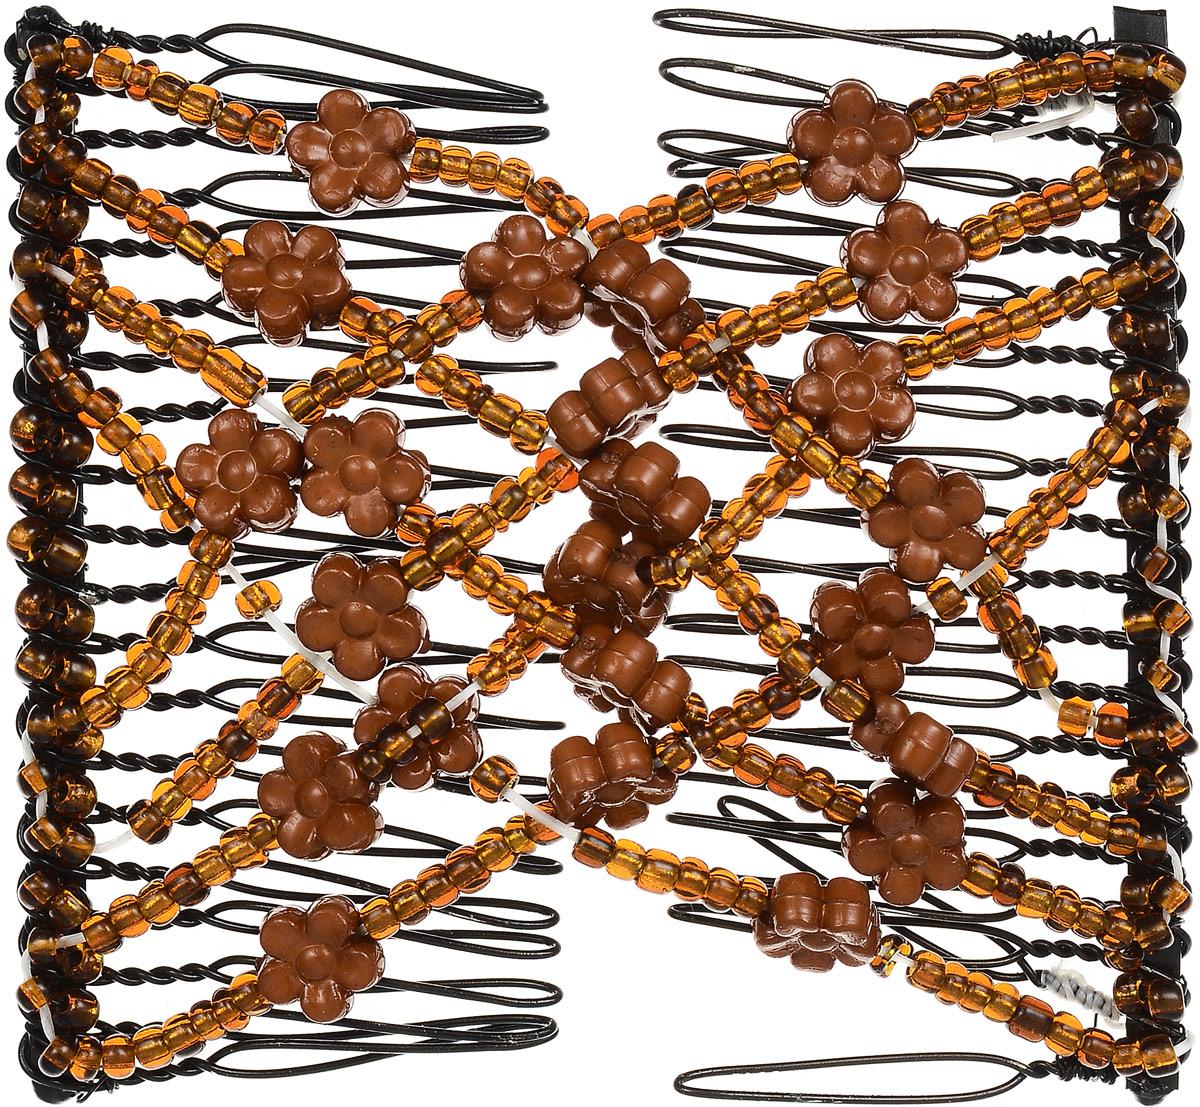 EZ-Combs Заколка Изи-Комбс, одинарная, цвет: коричневый. ЗИО_цветочки ez combs заколка изи комбс одинарная цвет сиреневый серебристый зио